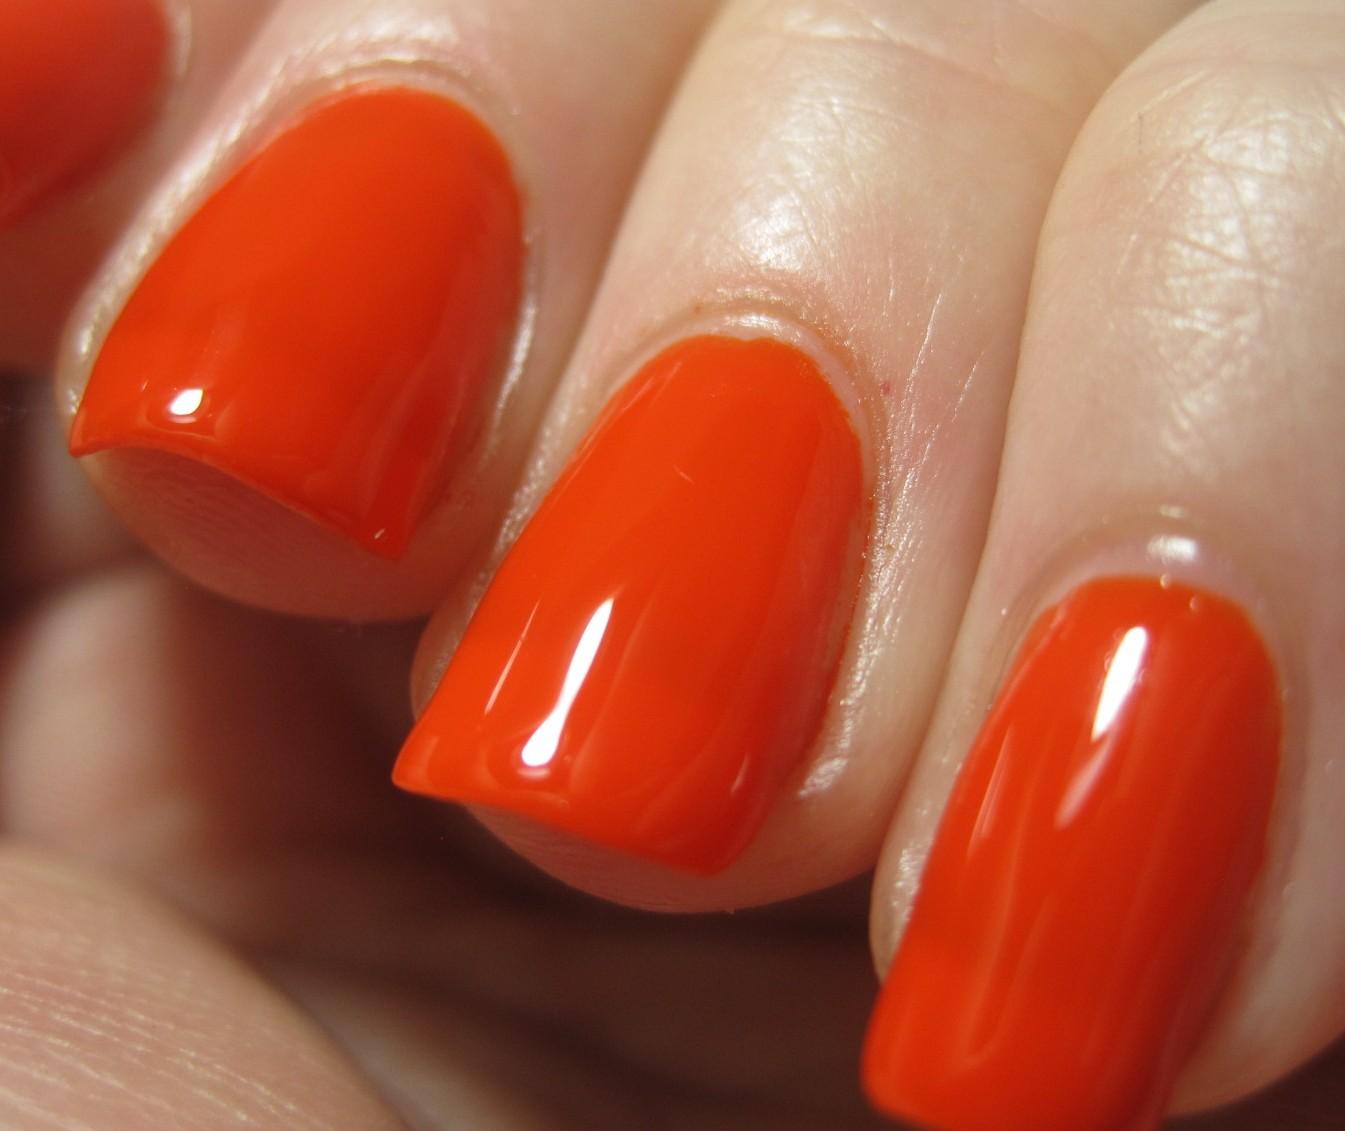 I colori più cool del momento per unghie perfette